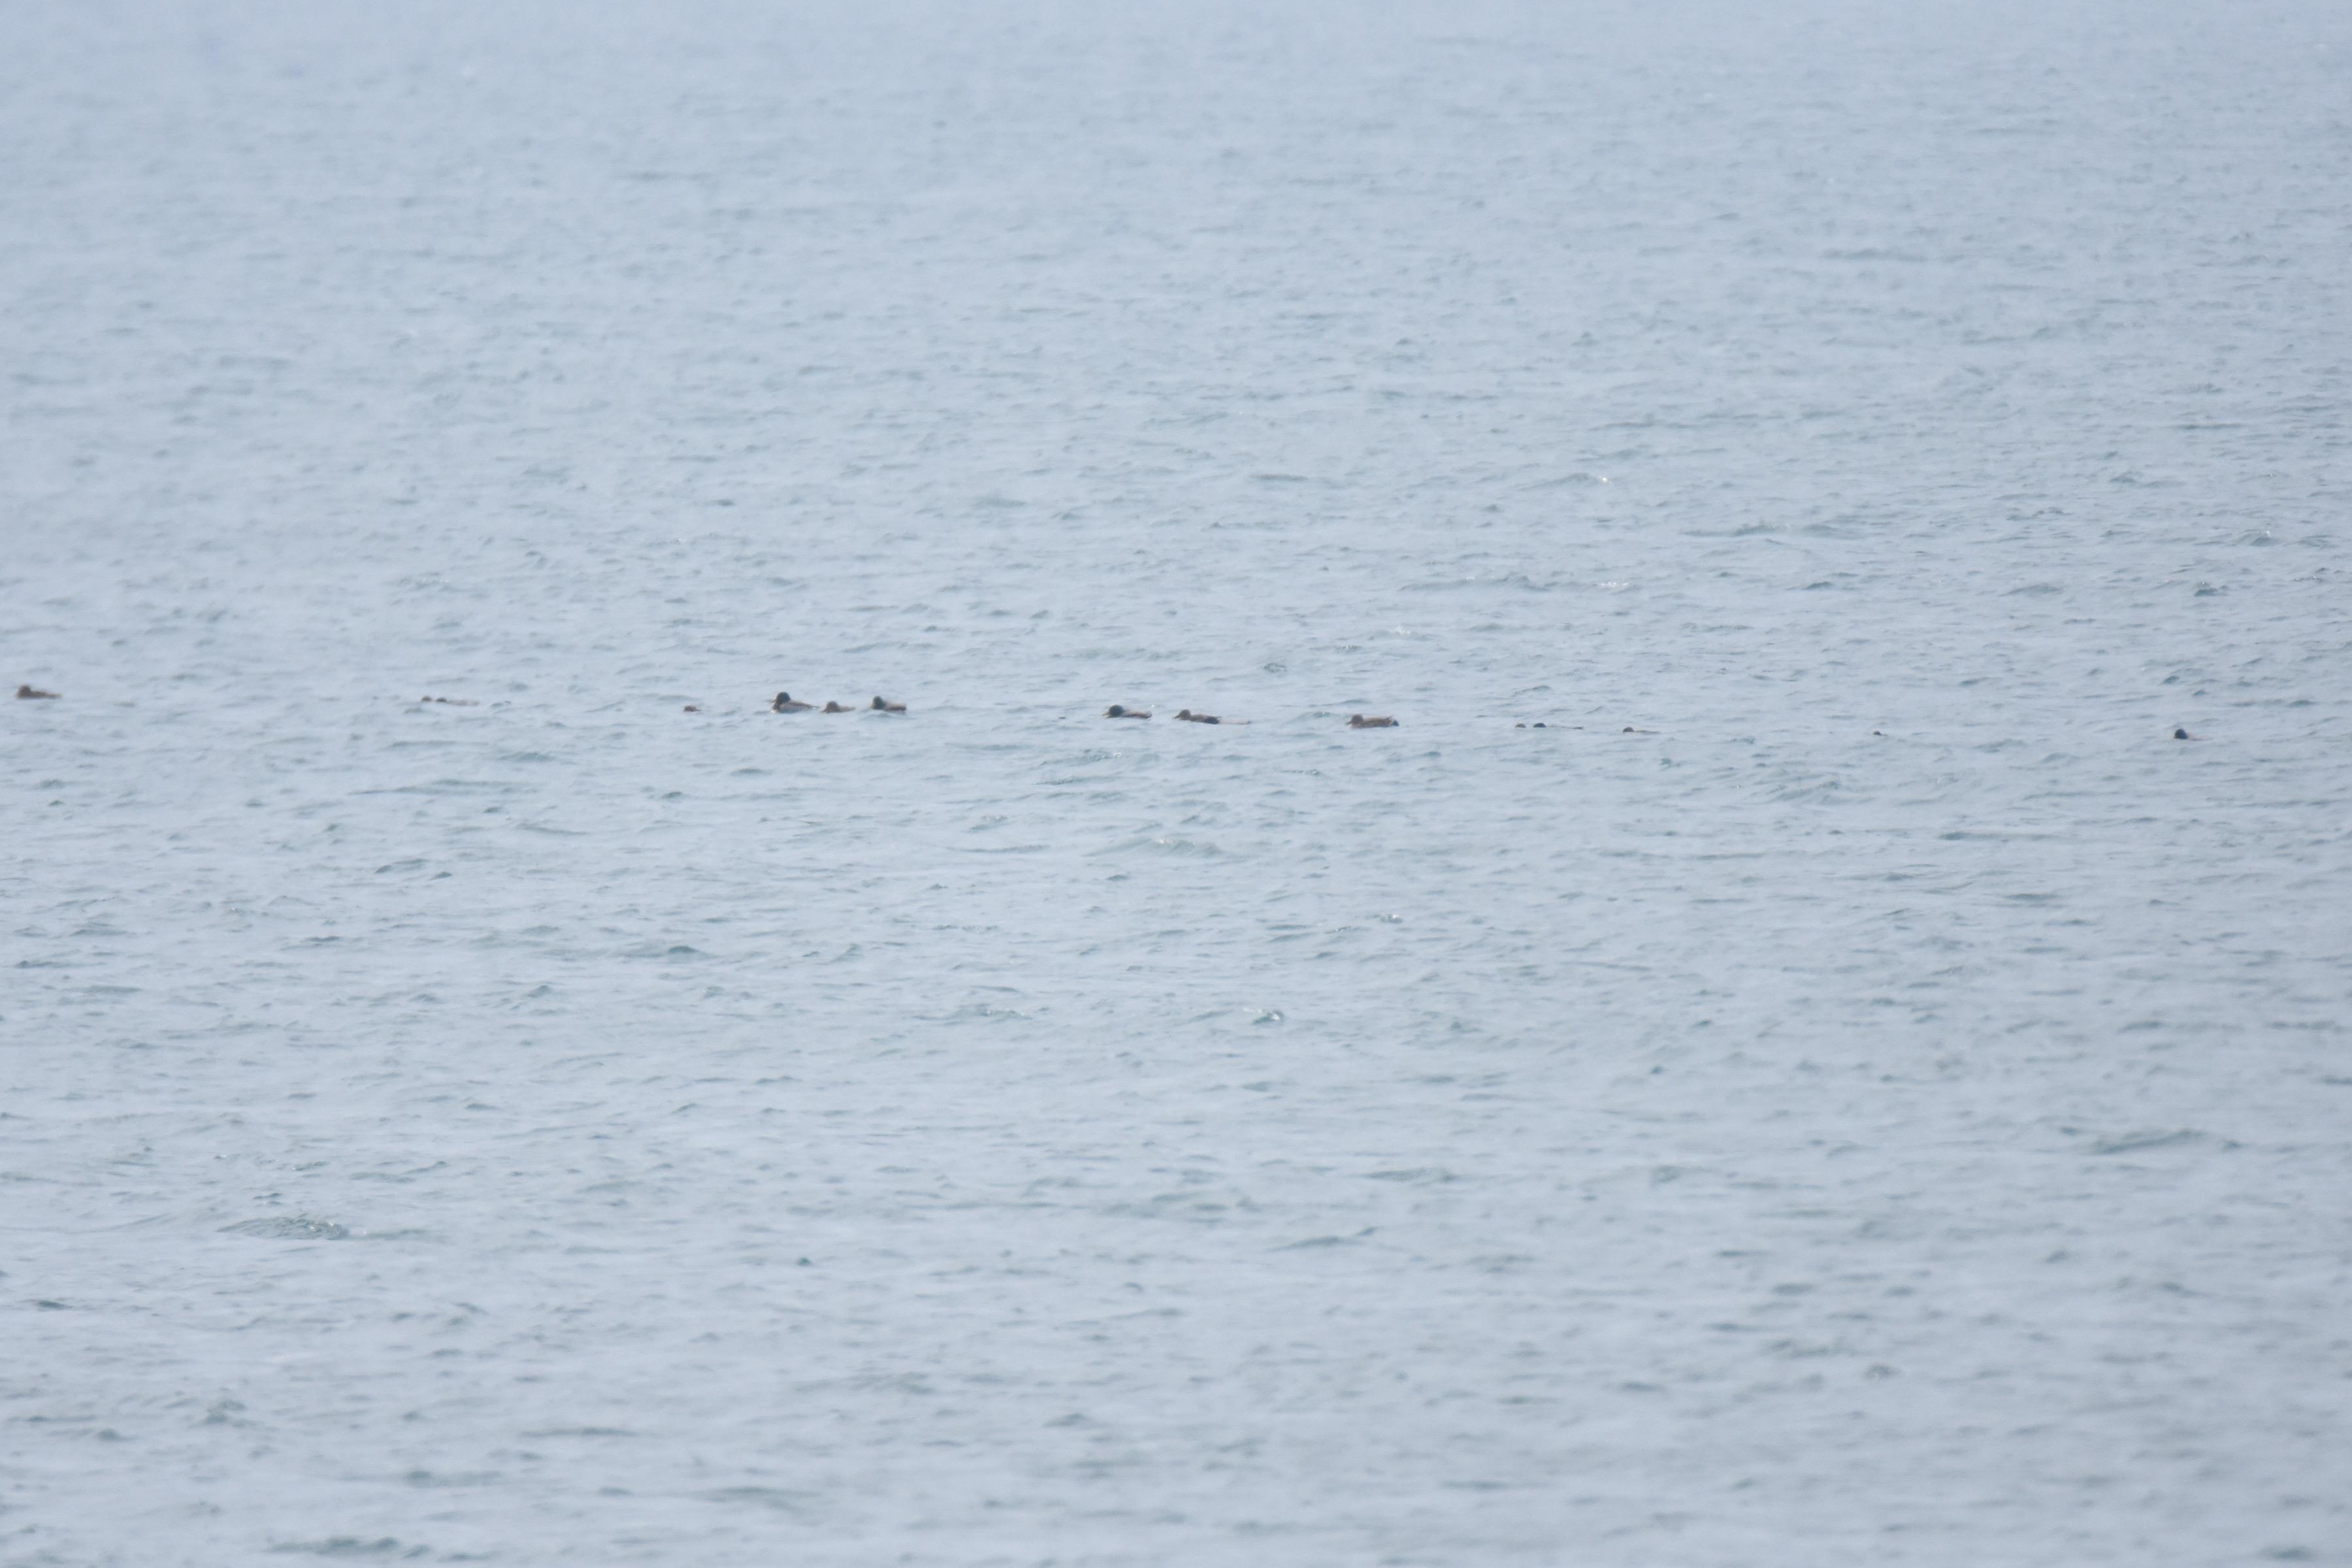 海に浮くマガモの群れ